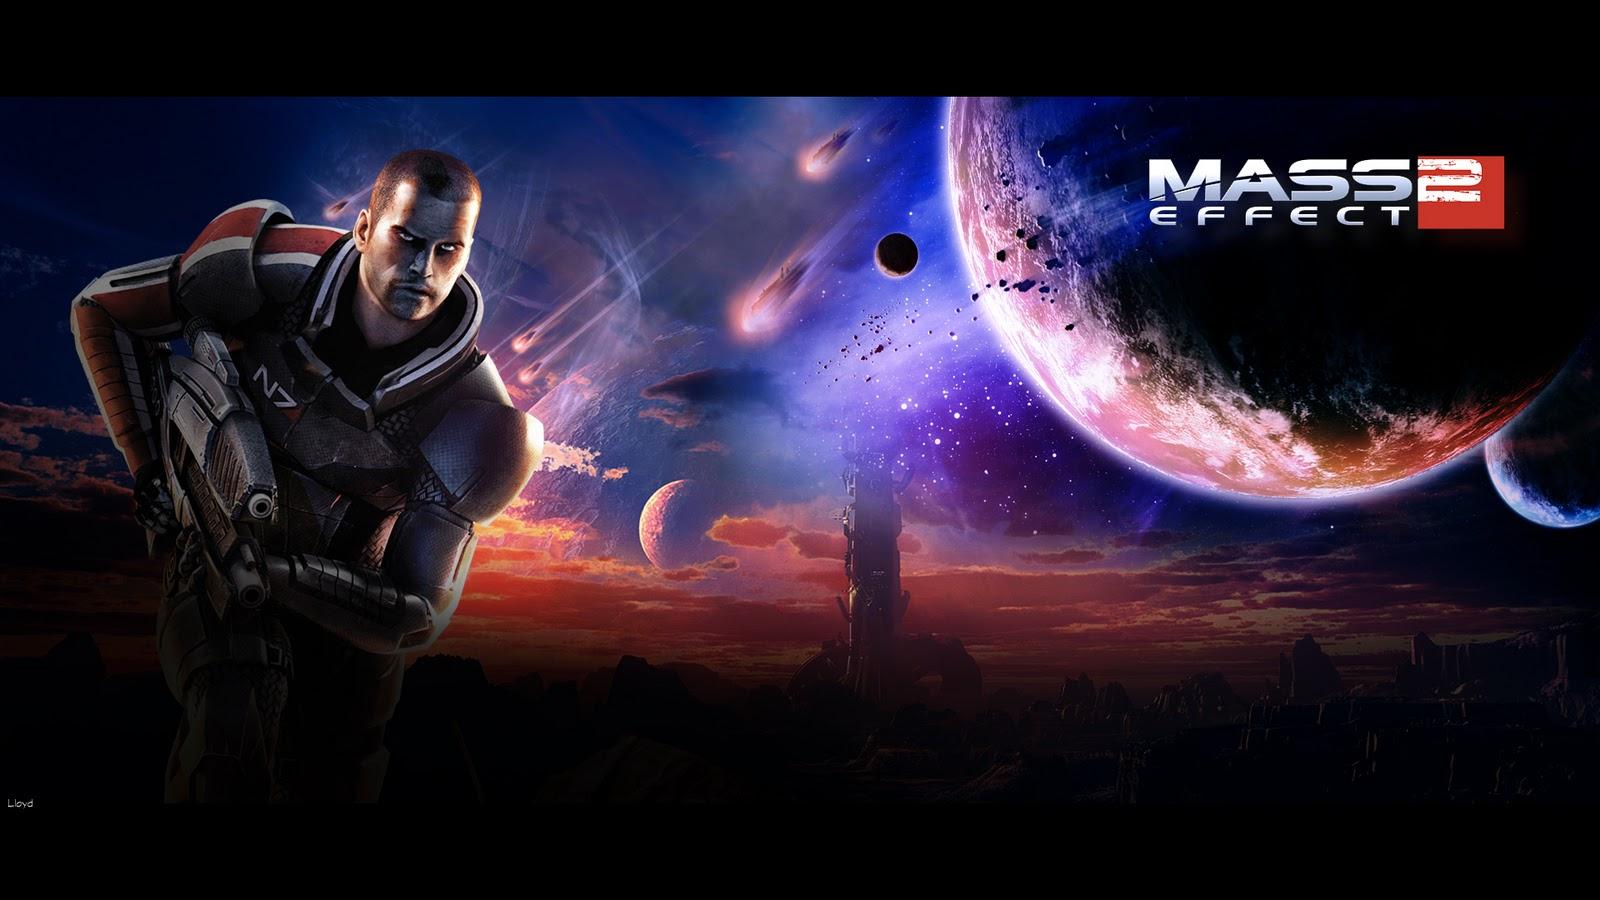 http://1.bp.blogspot.com/-31tm9A3ygyQ/TwGnLMWmhJI/AAAAAAAAASI/ZR2Qg9qmgQg/s1600/14910_mass_effect.jpg